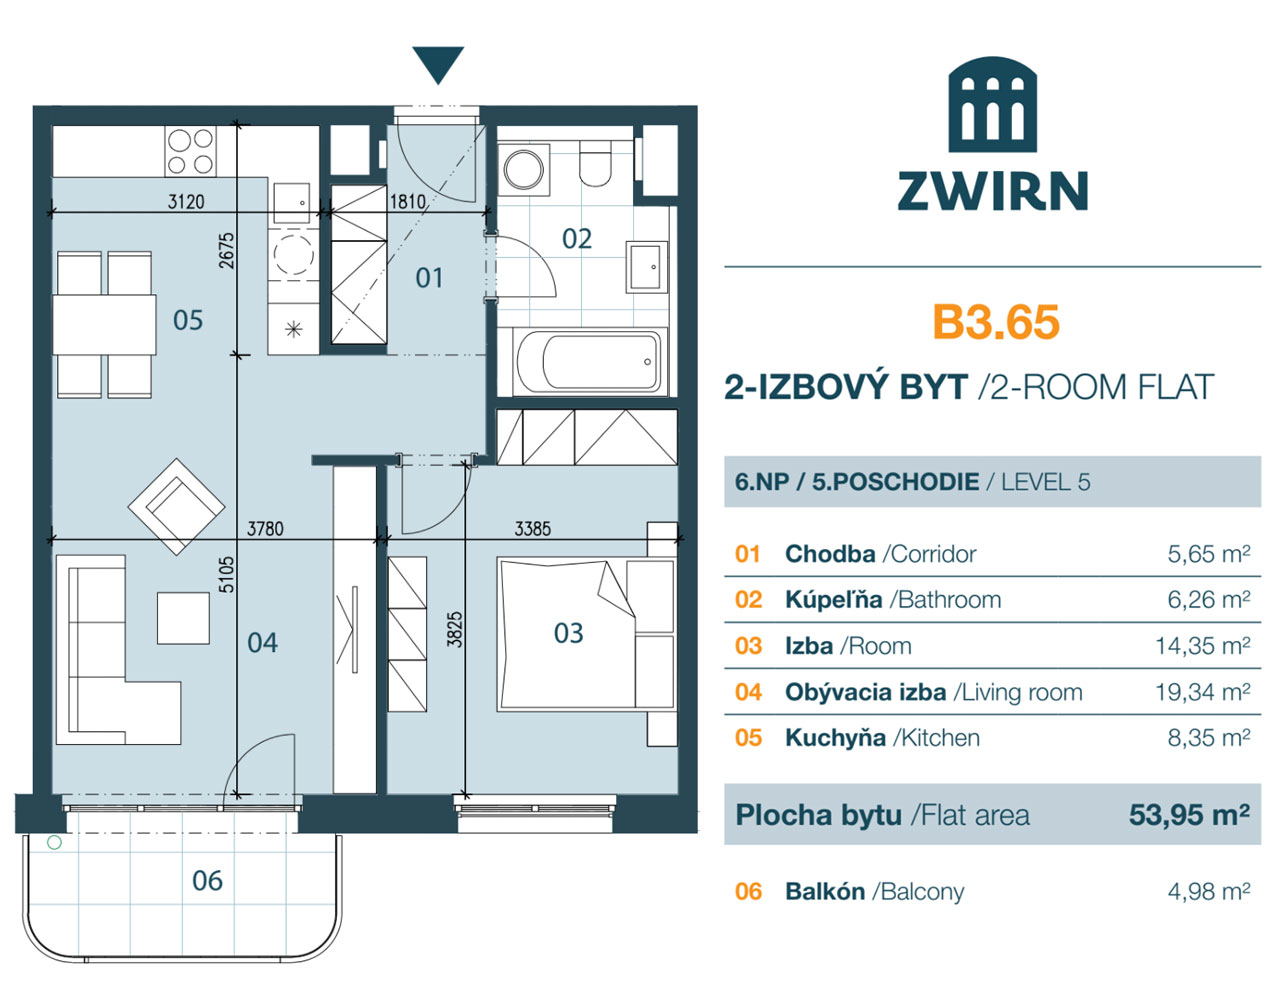 Zwirn 2 izbovy byt